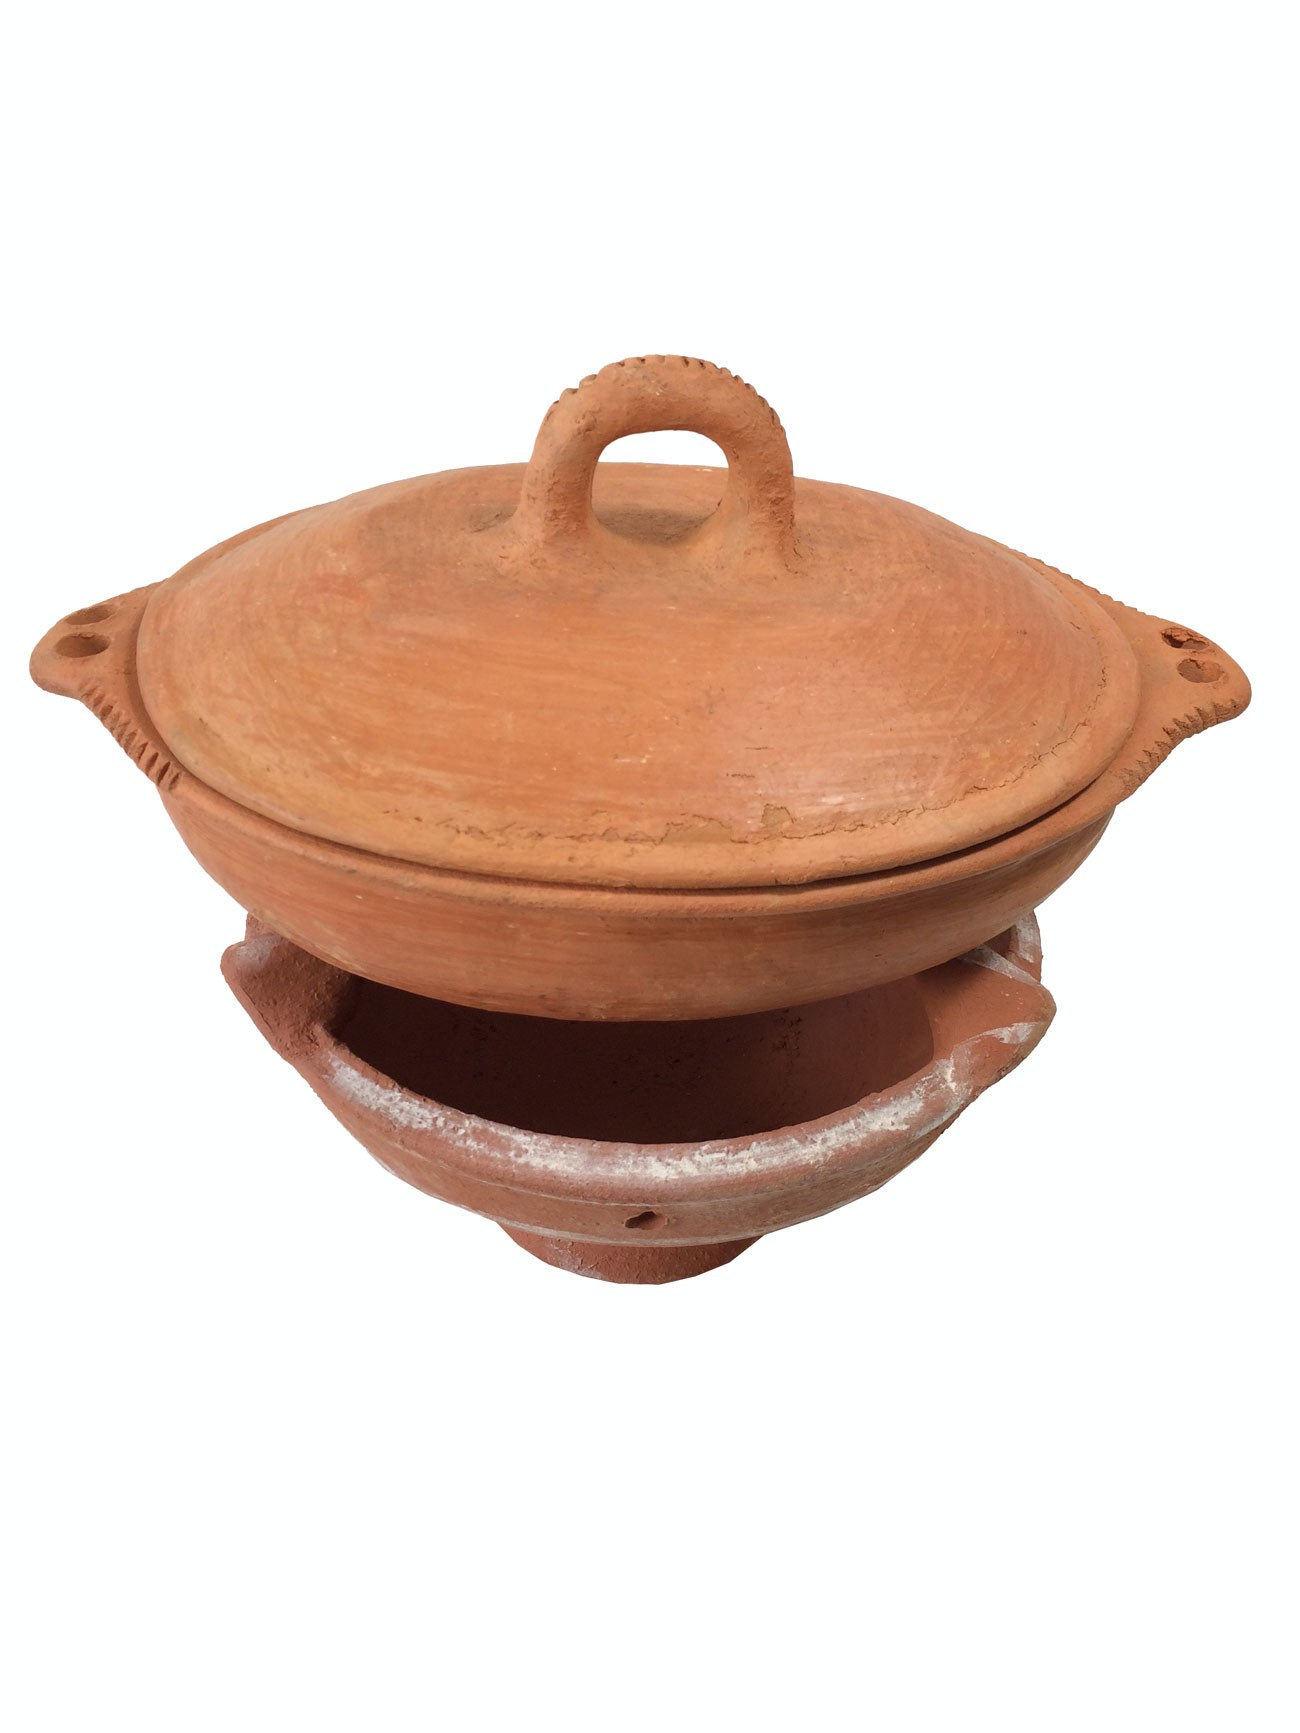 Plat tajine terre cuite tagra ovale et son brasero sans armature - Plat a tajine en terre cuite ...